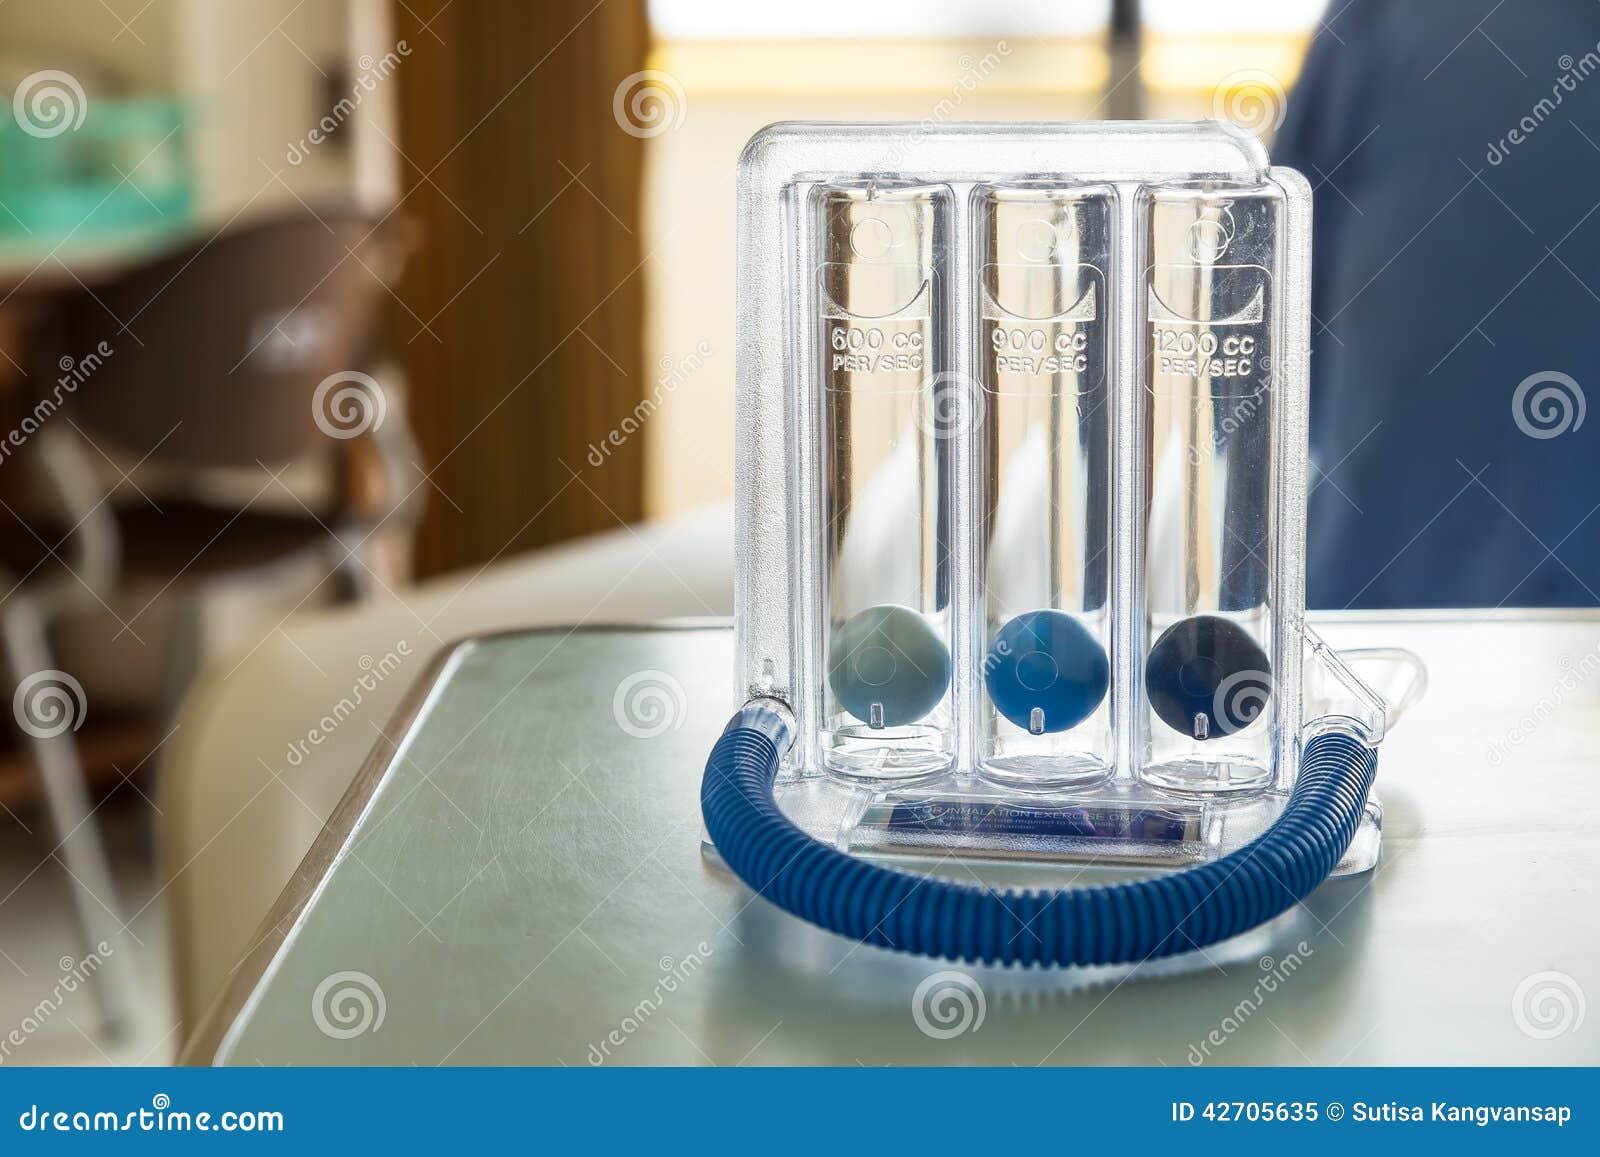 Spiromètre encourageant de trois boules pour respirer profondément